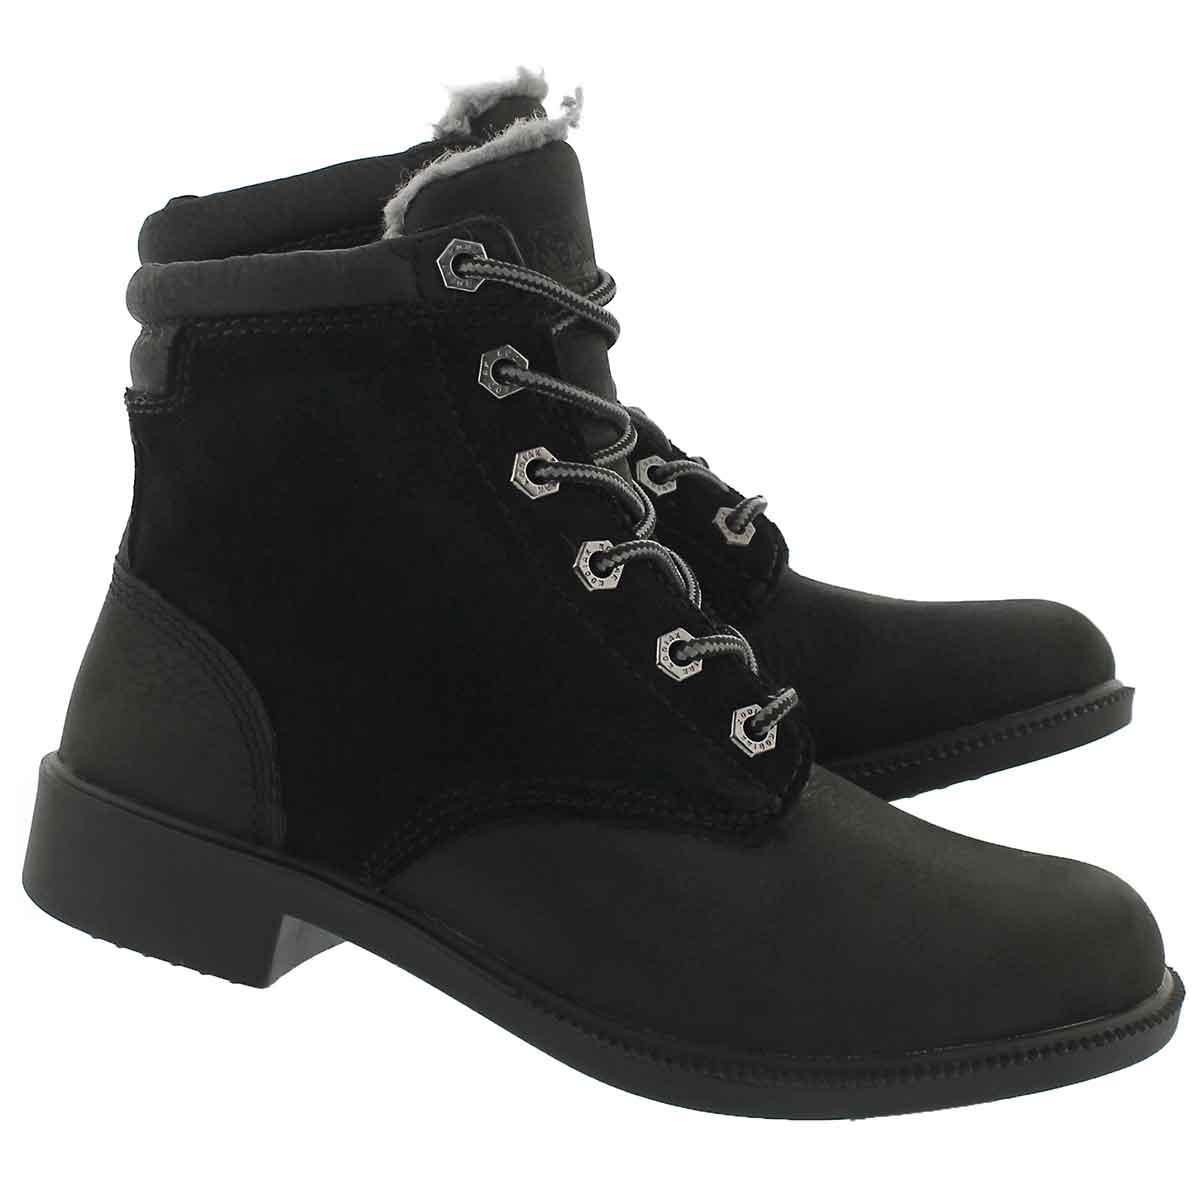 Lds OriginalFleece blk wtpf laceup boot